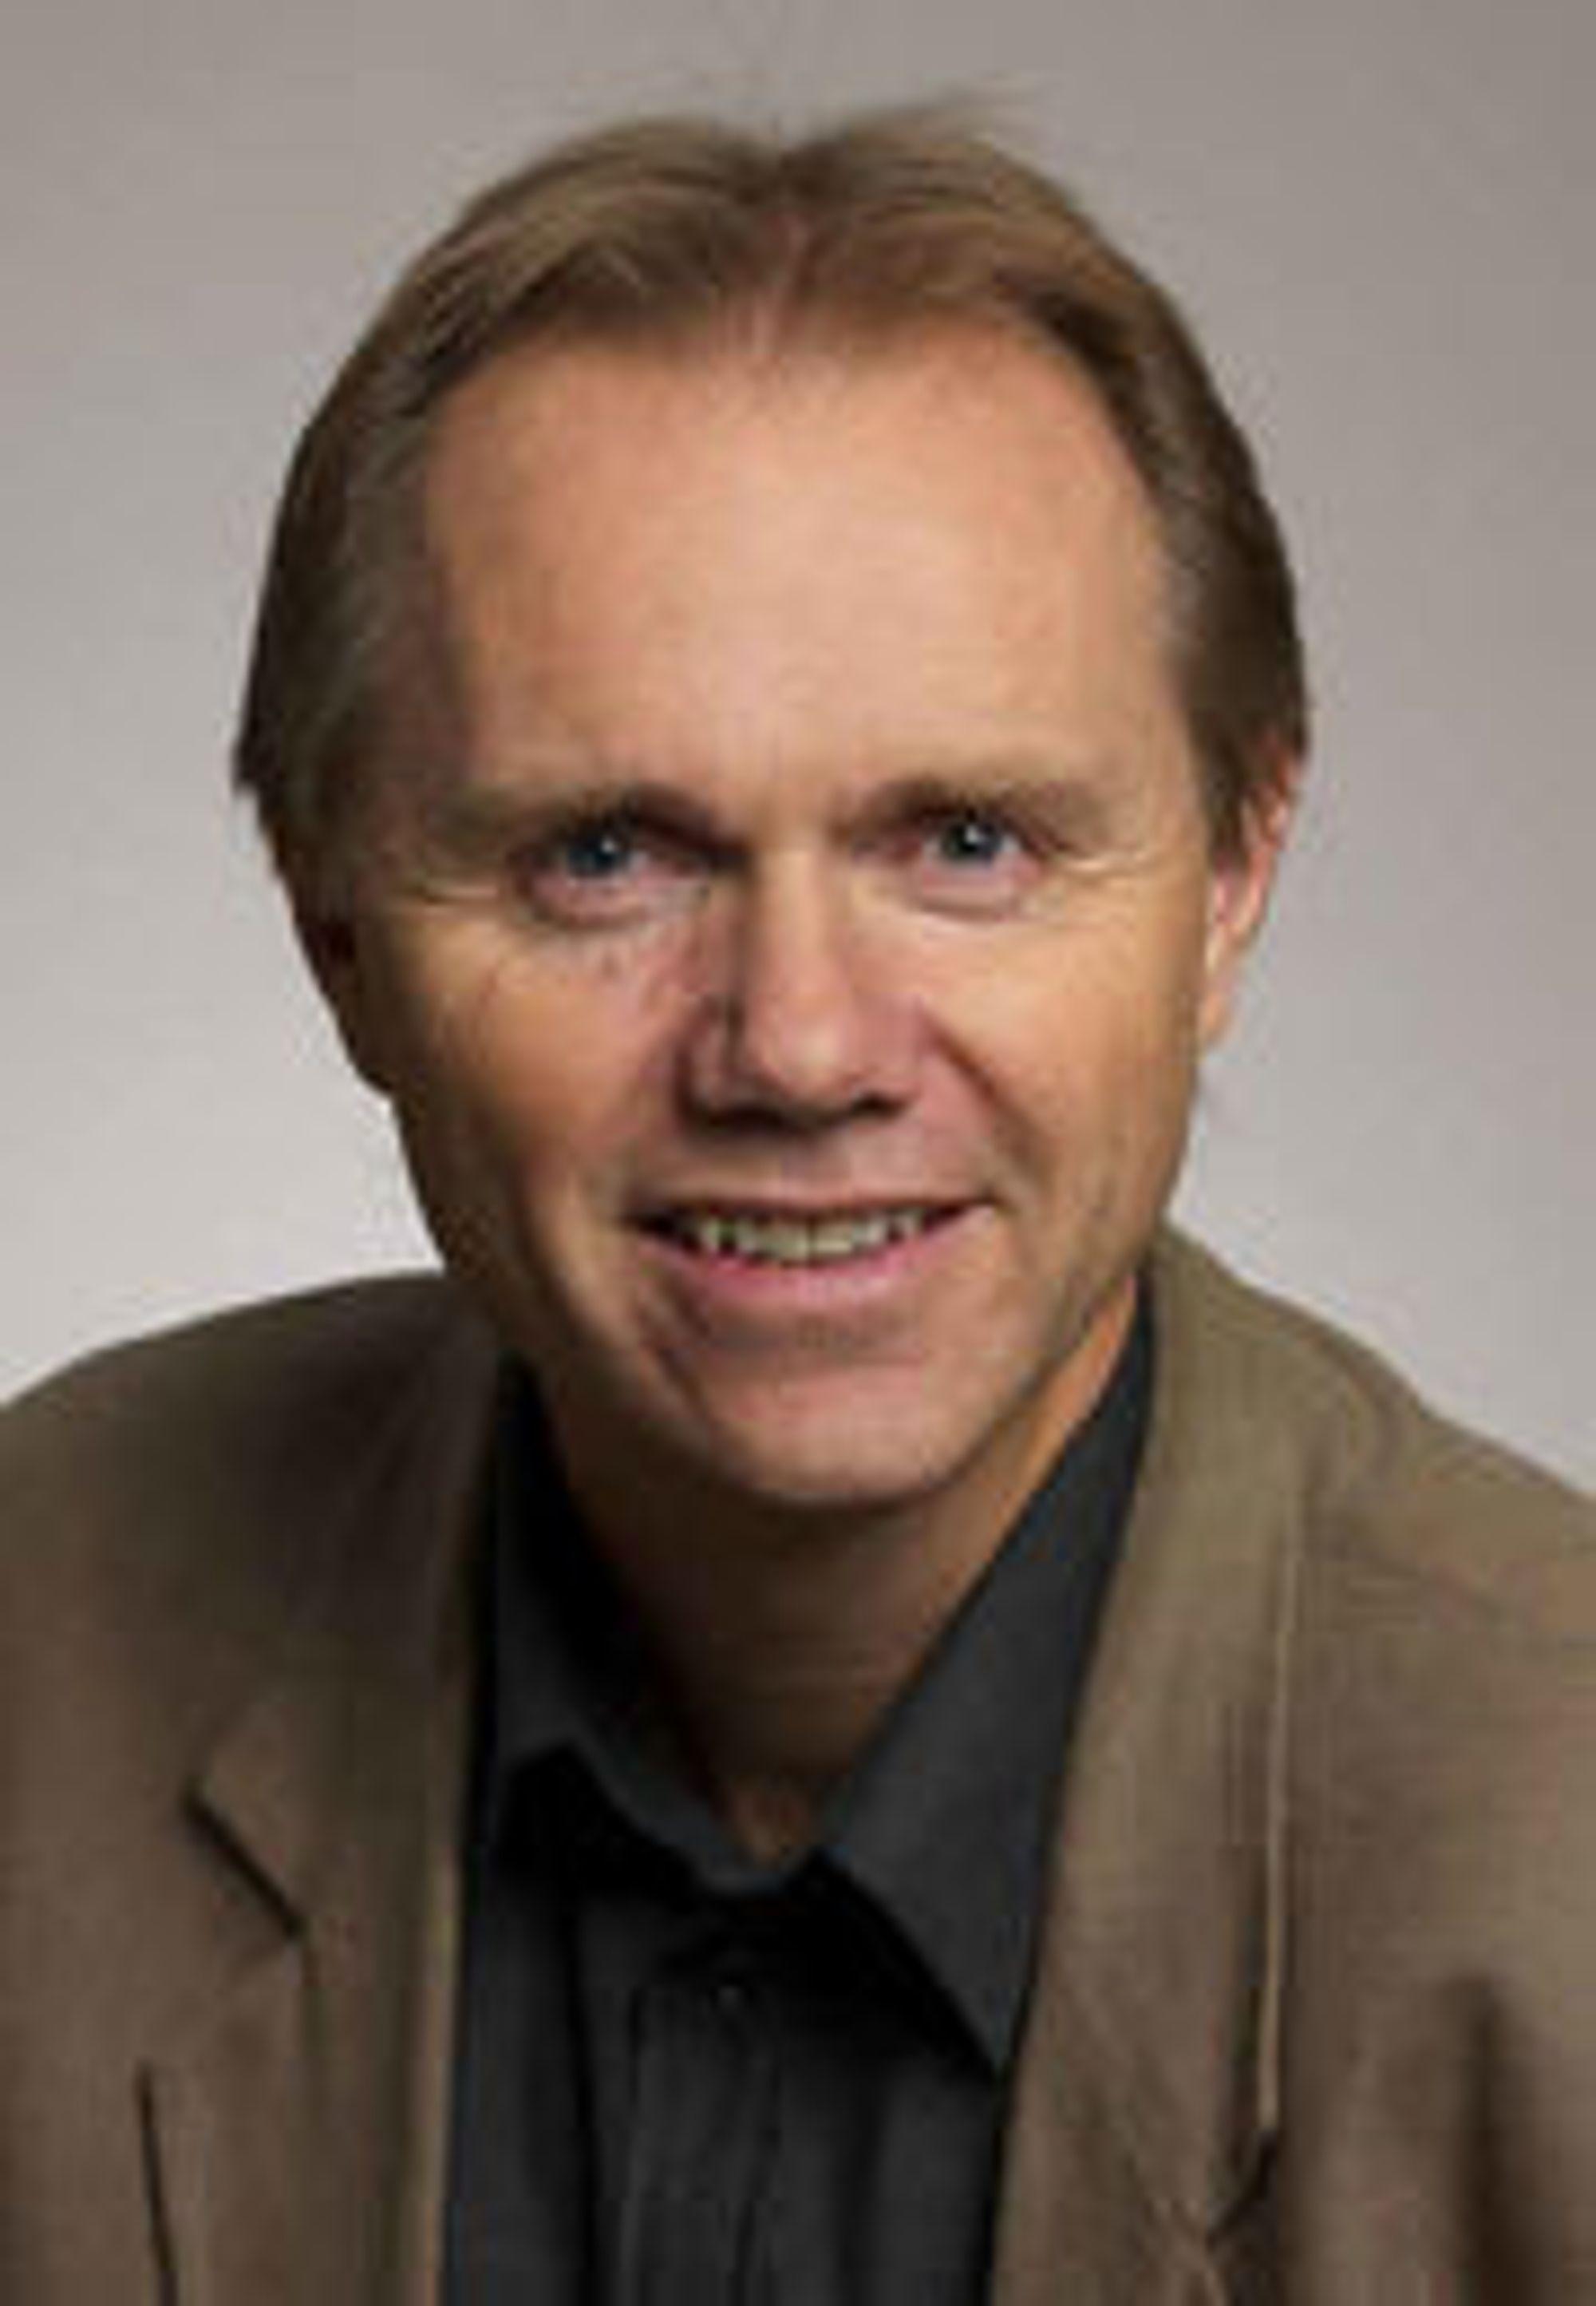 Tilhenger av e-bøker, men skeptisk til lukkede formater: informasjonssjef Bjarne Buset i Gyldendal.